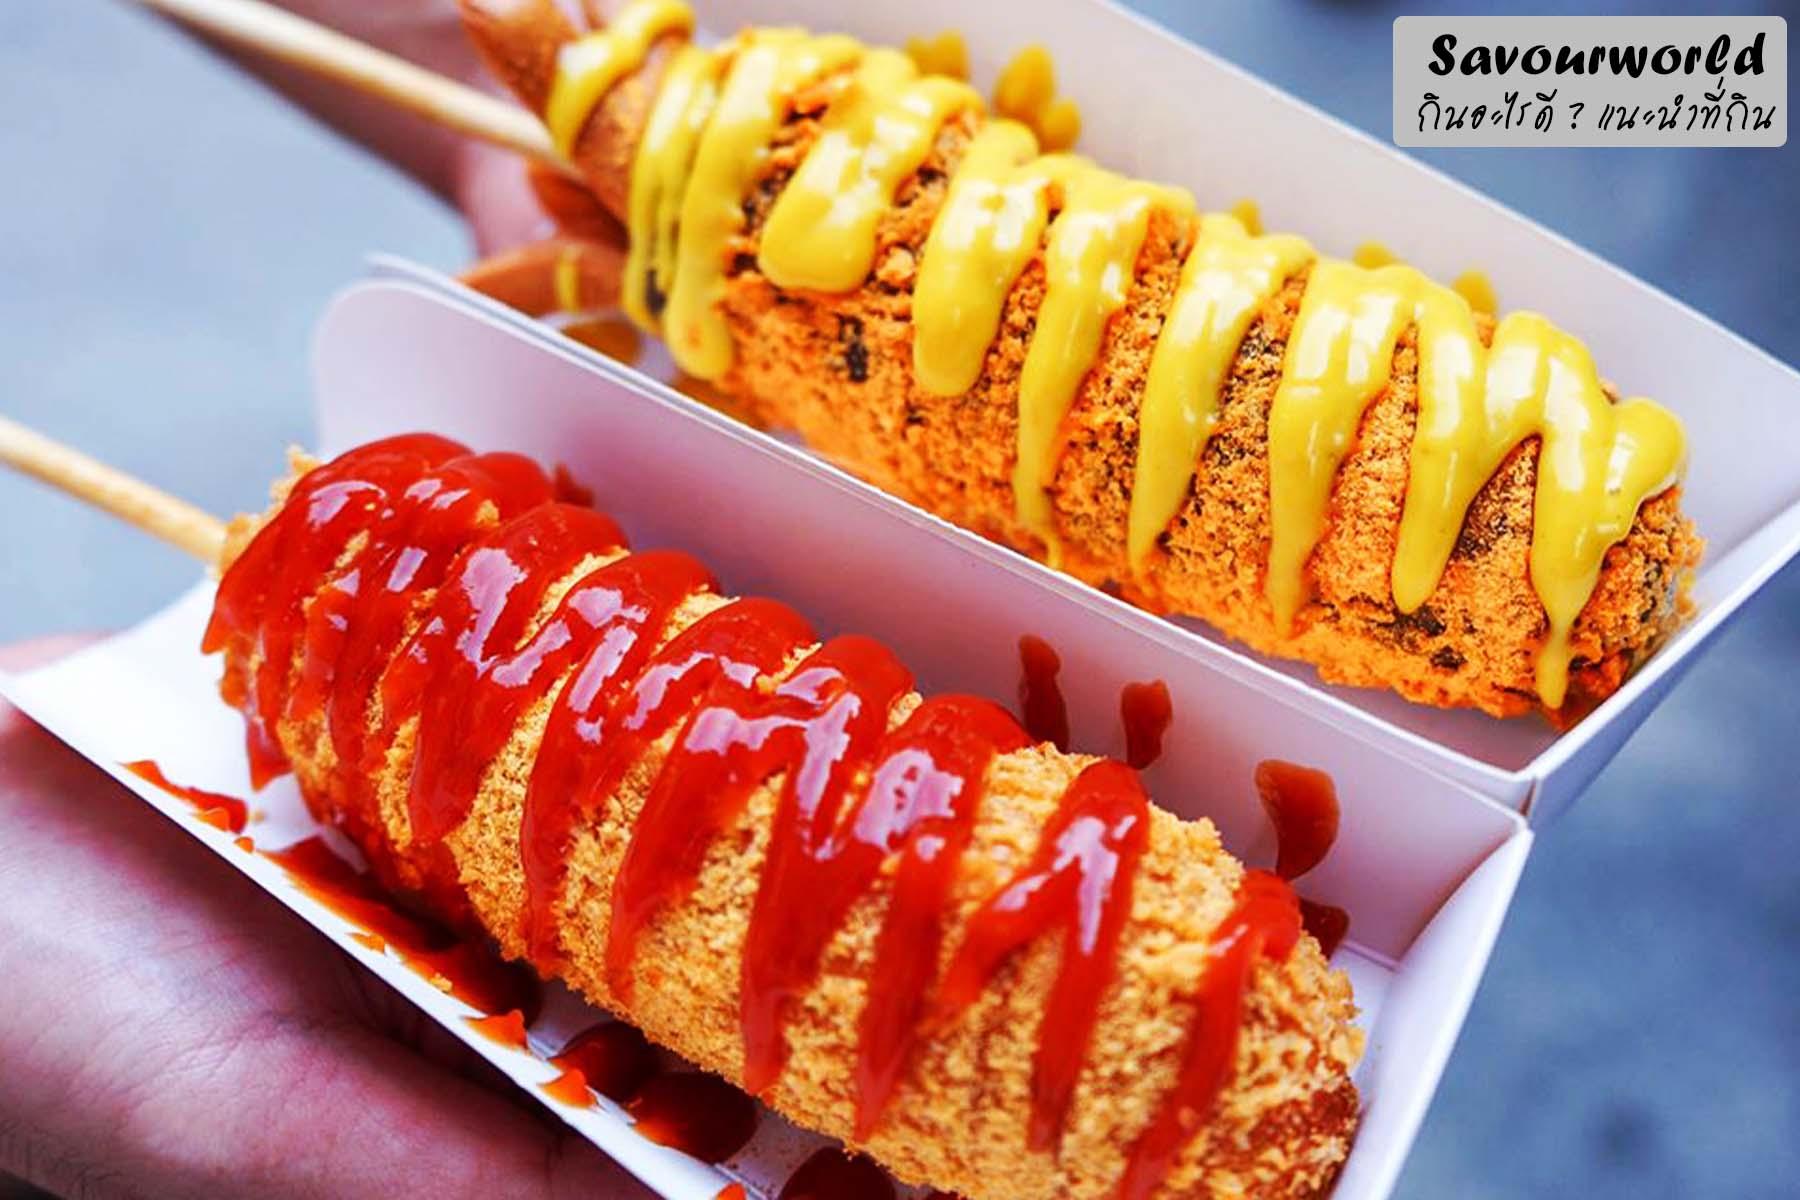 3 ขั้นตอนการทำฮอตด็อกสไตล์เกาหลีทานเองแบบง่าย ๆ ได้ที่บ้าน - savourworld.com